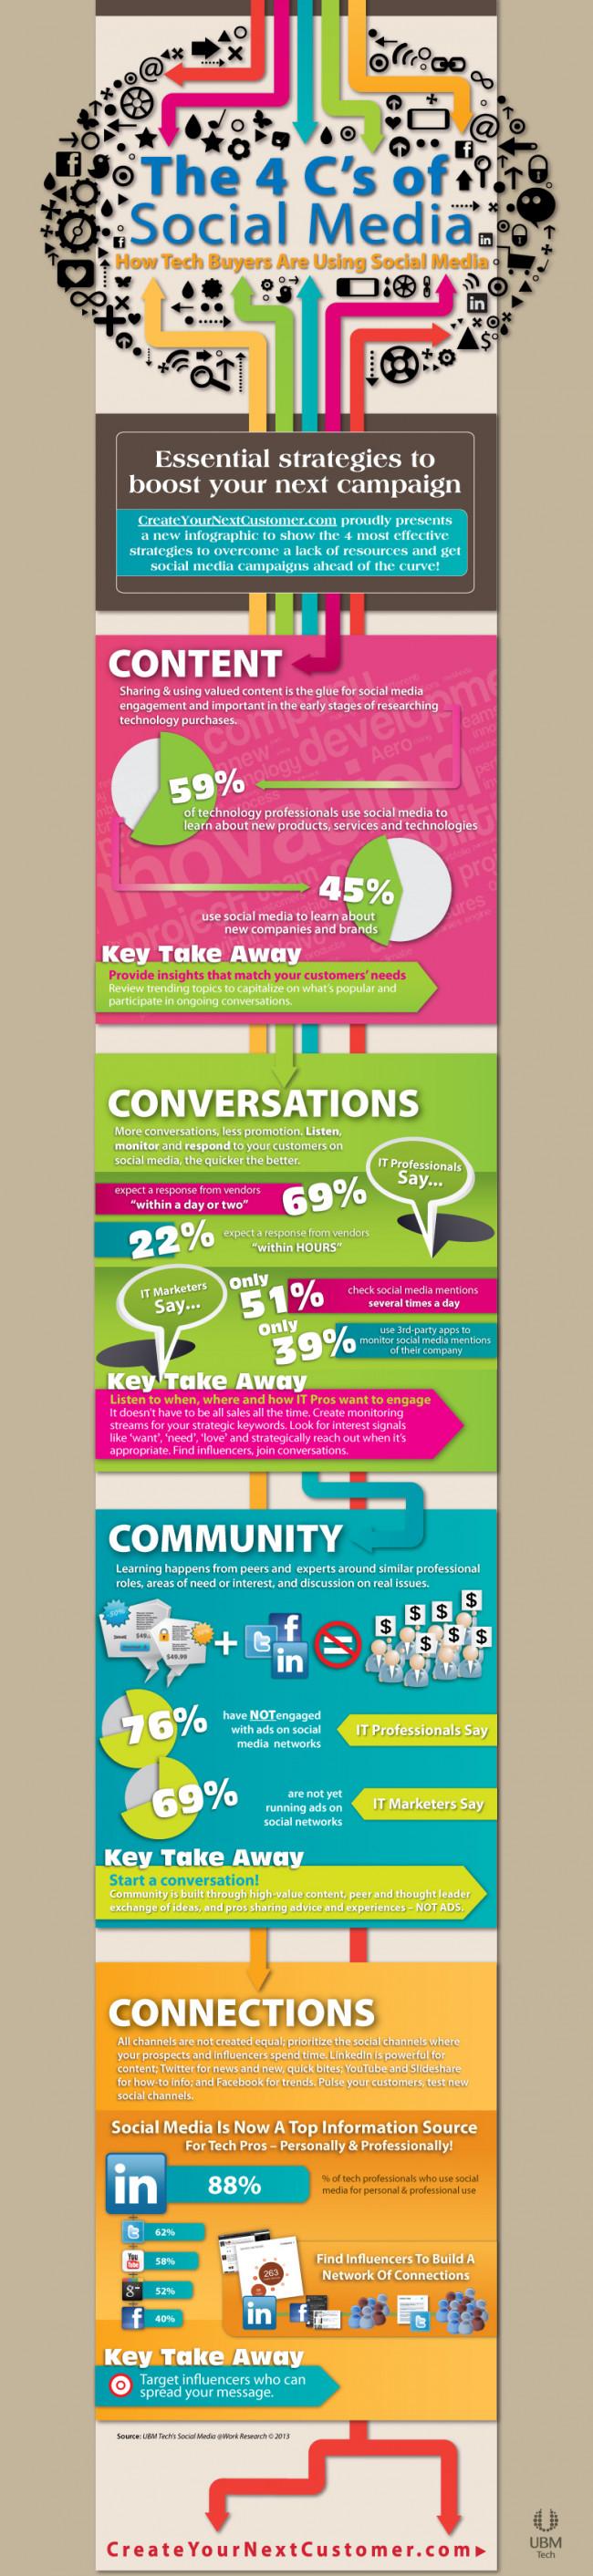 The 4 Cs of Social Media